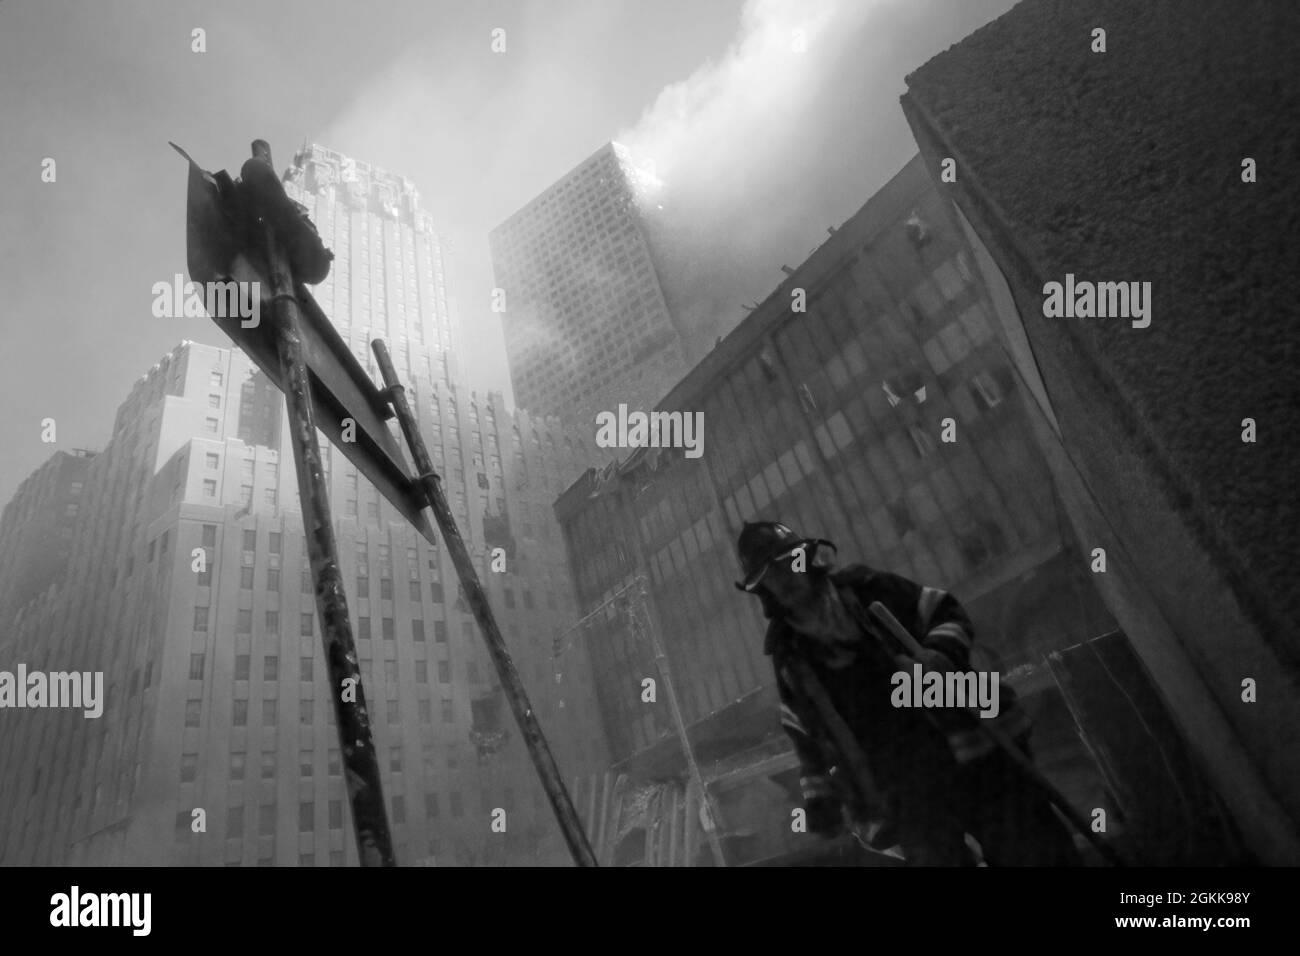 FDNY-Feuerwehrmann, der aus dem Rauch von New York City auftaucht, während die Twin Towers während des Angriffs von islamischen Terroristen am 11. September 2021 brennen. (USA) Stockfoto